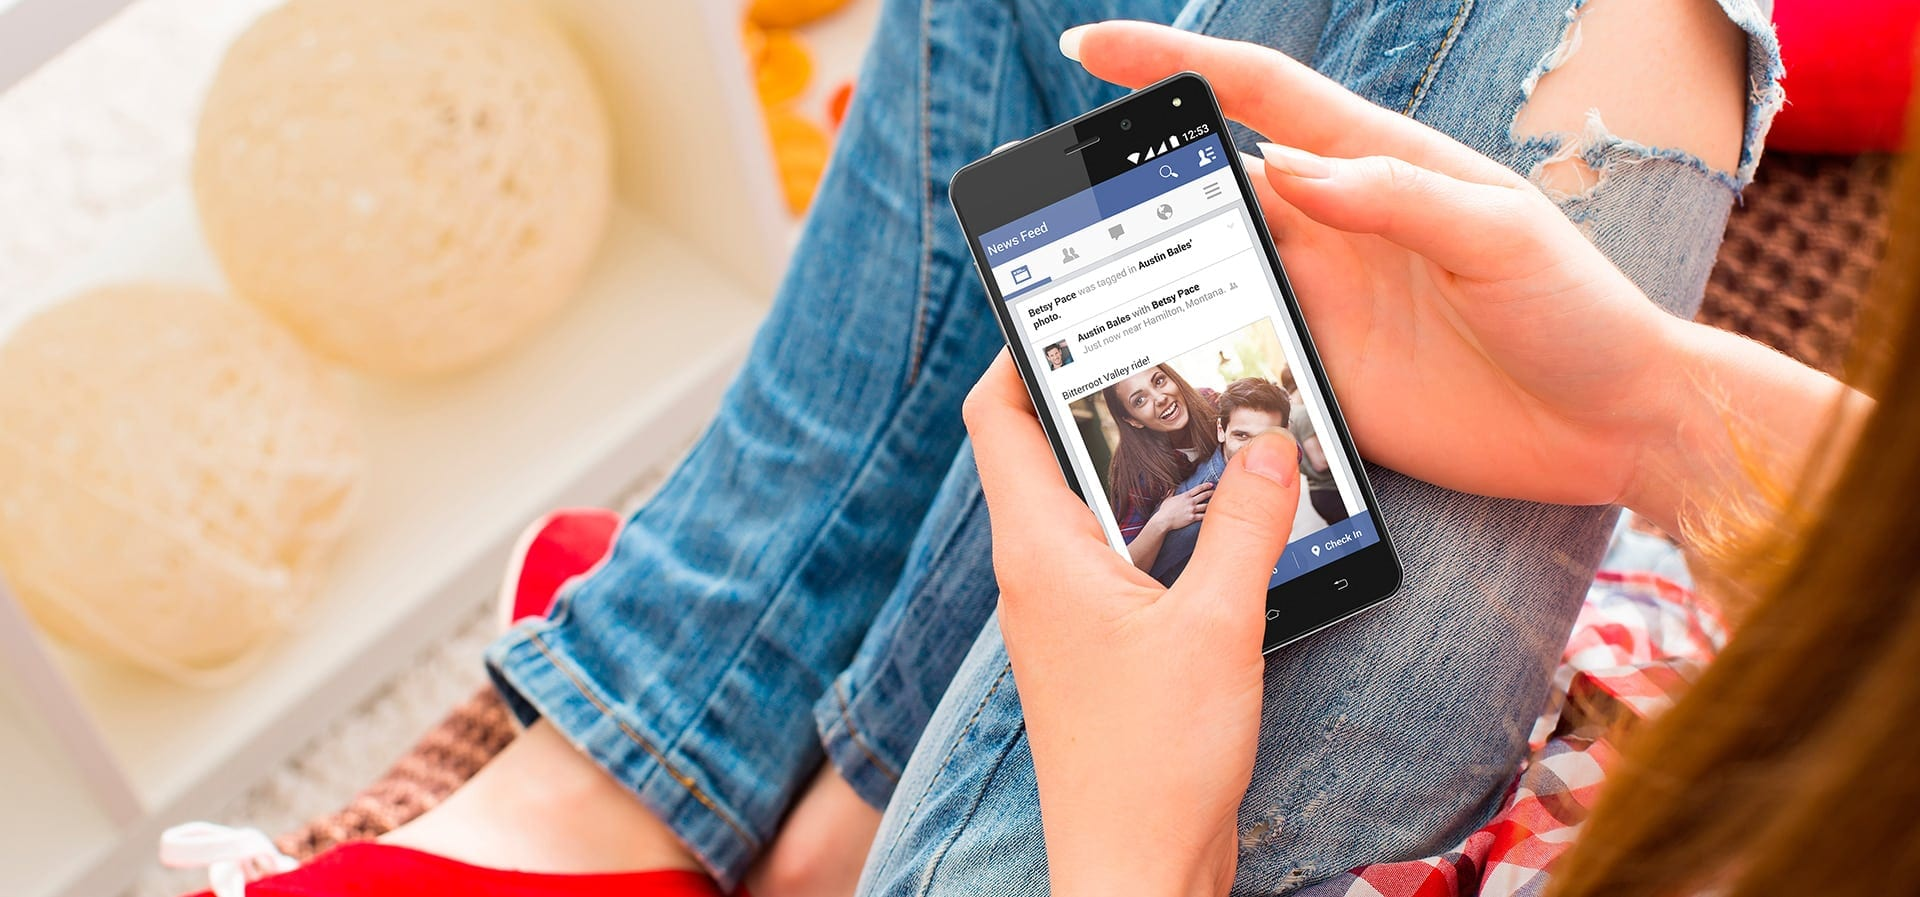 Allview introduce modele E4 și E4 Lite, două smartphone-uri 4G Dual Mode